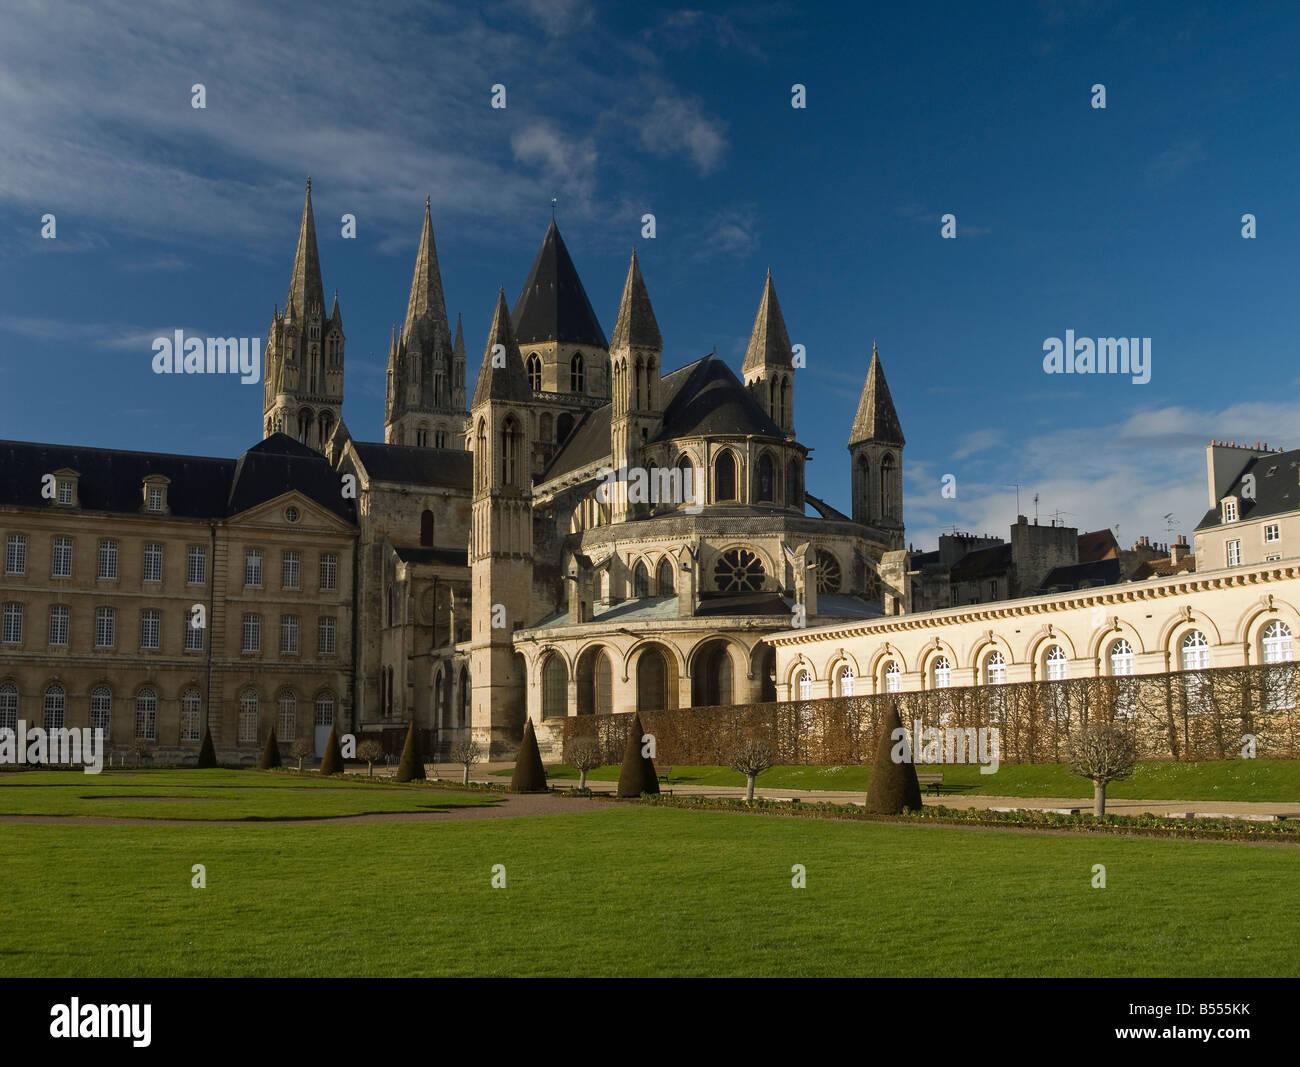 France Normandy Caen Saint Etienne abbaye aux hommes men's abbey - Stock Image